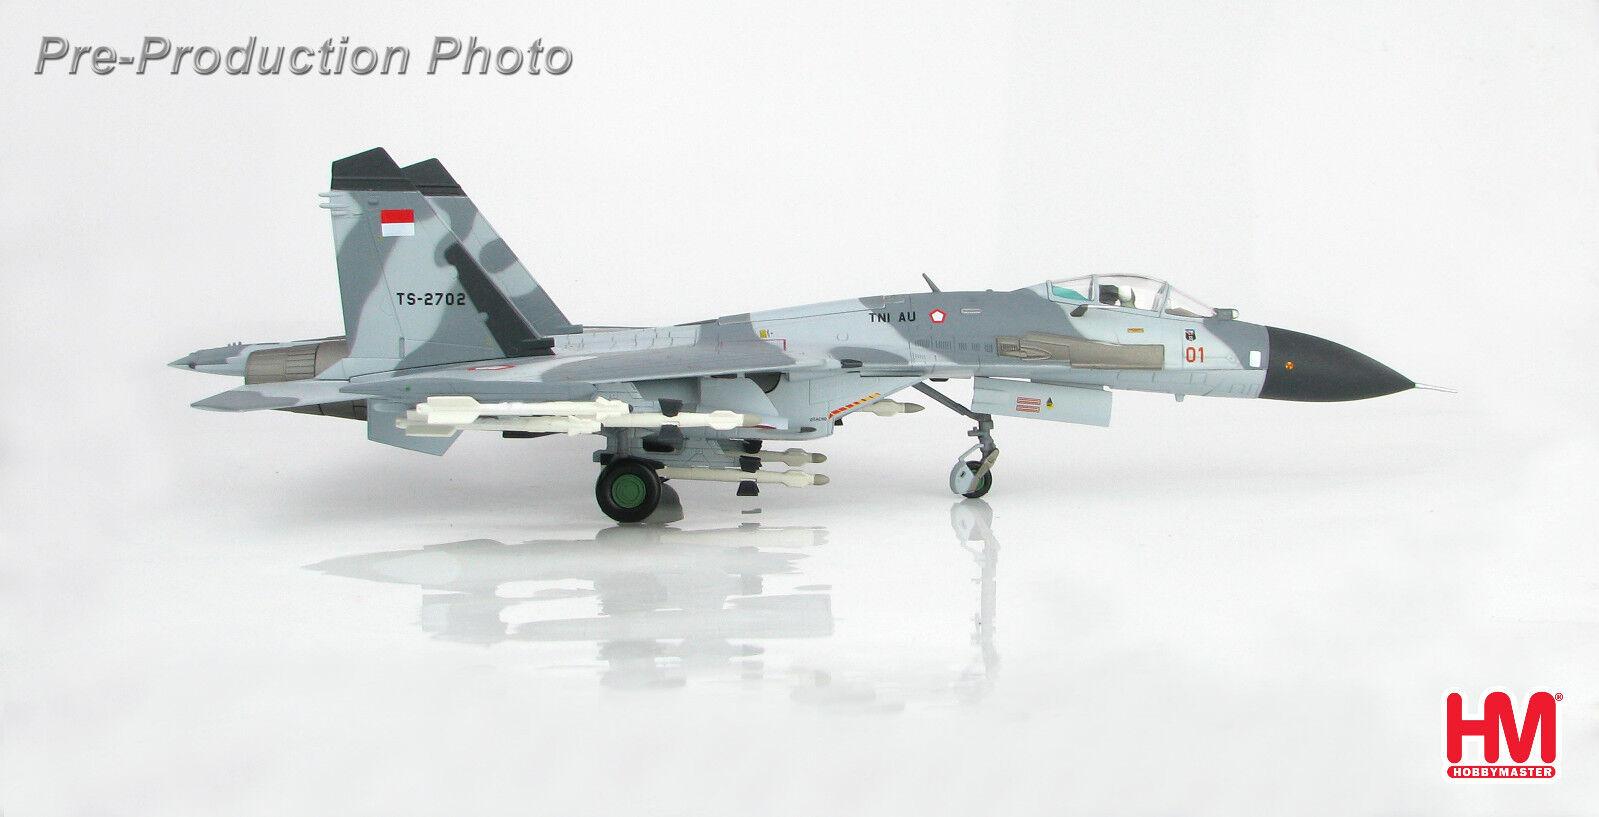 Hobby Master HA6004 1 72 Su-27SK accionariado B escuadrón de TS-2701, 11th, Indo